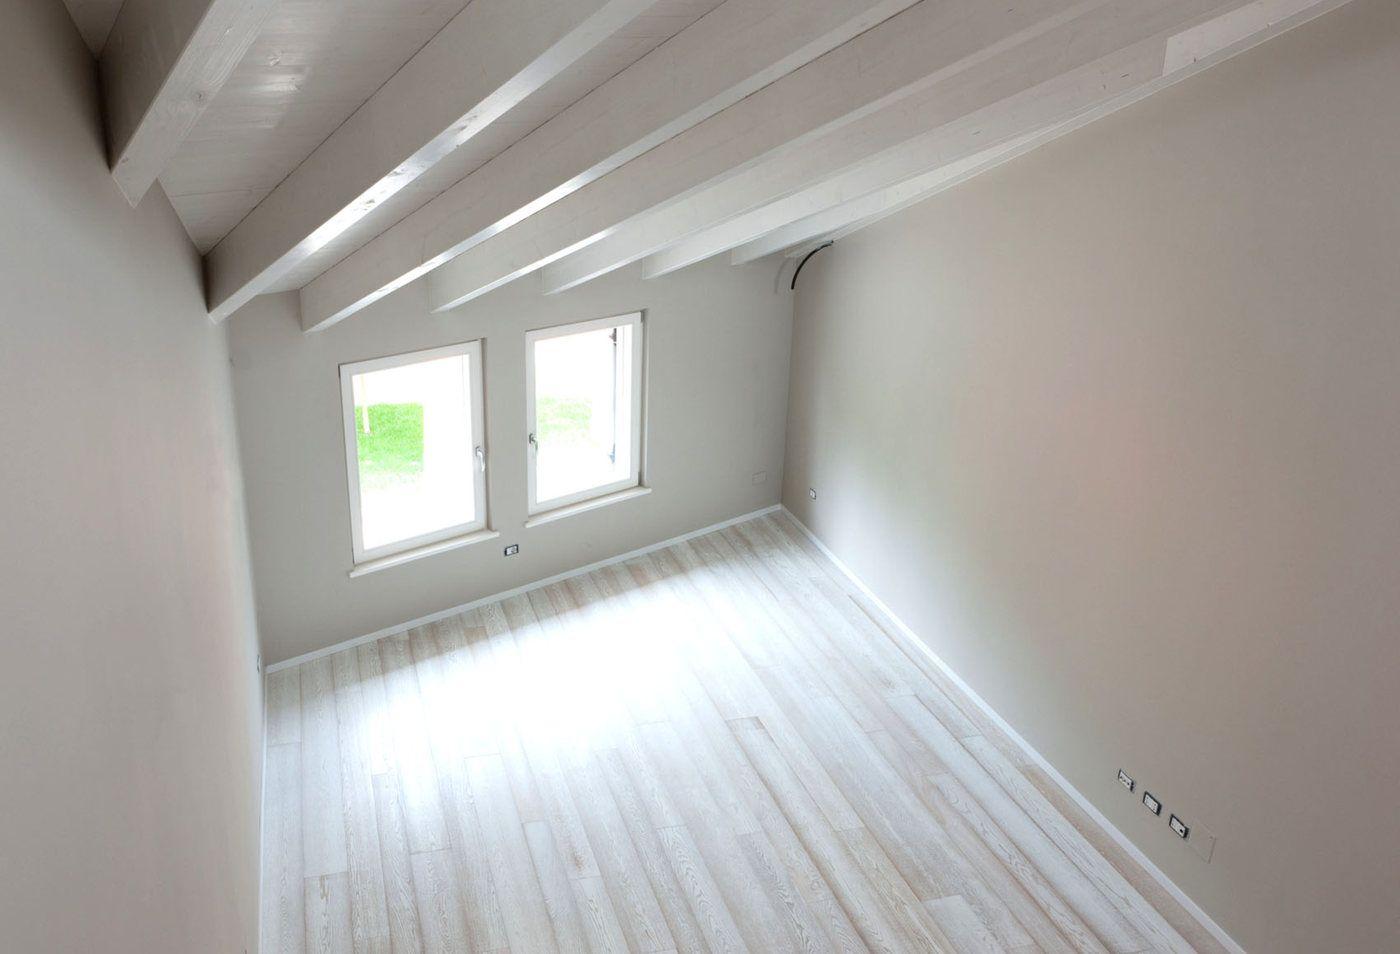 Soffitti In Legno Bianco : 584 fantastiche immagini su soffitti in legno home decor room e